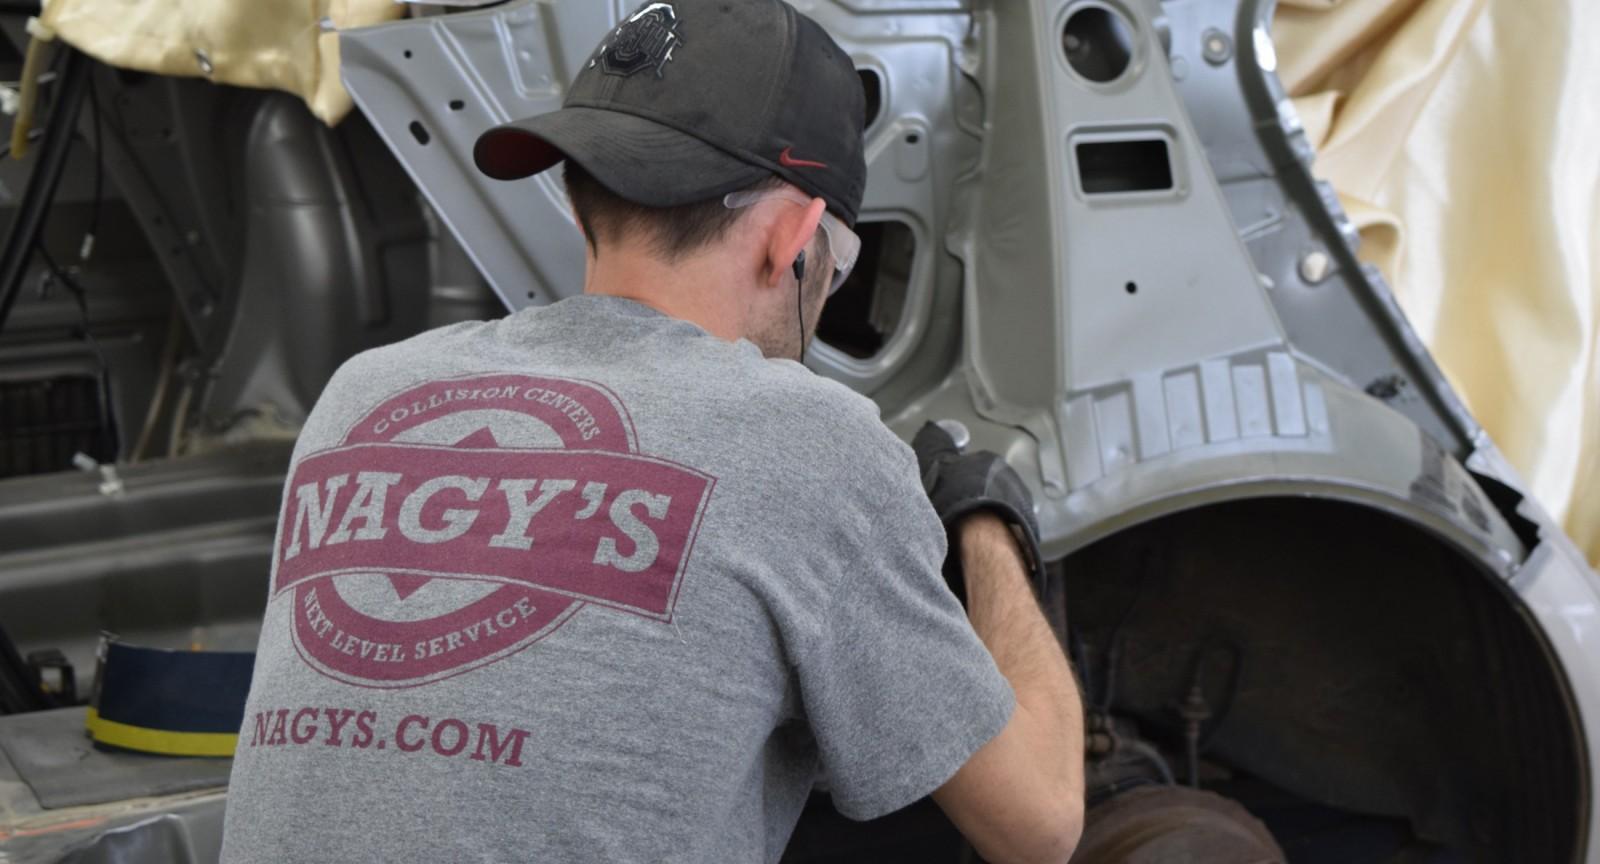 Nagy's Collision Centers | Ohio Autobody & Body Shop located in